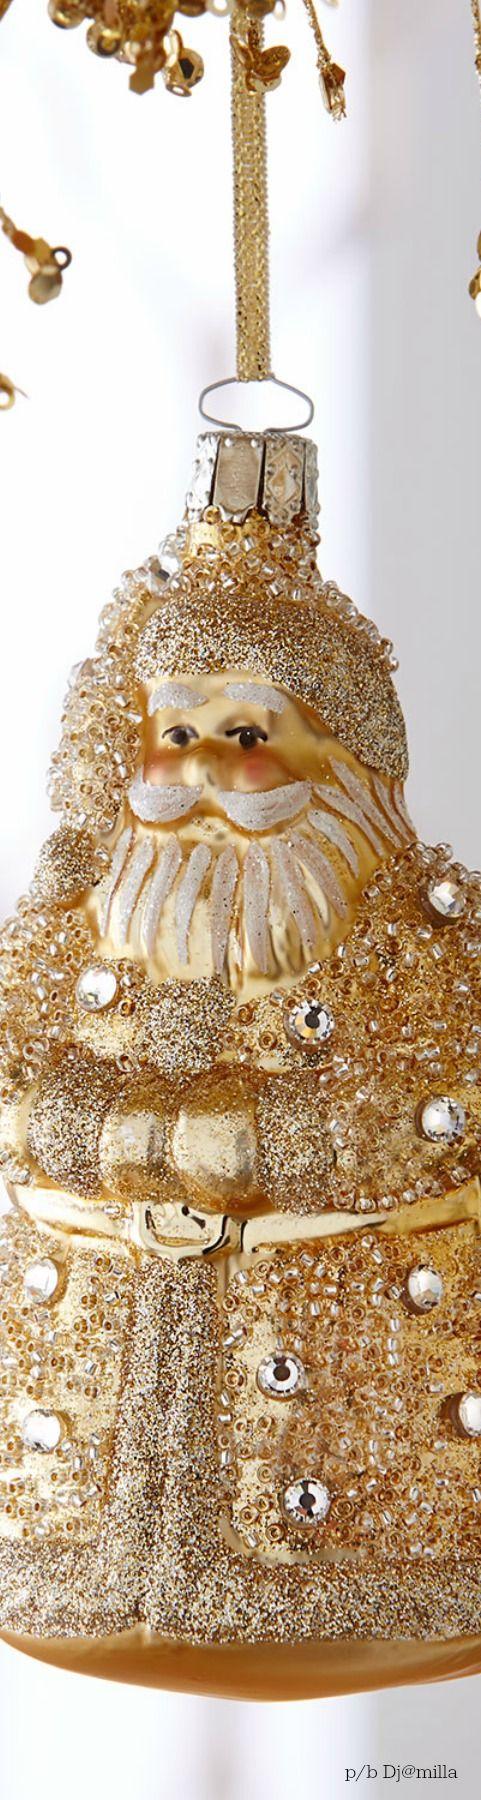 Gold ornament for the Golden Girl